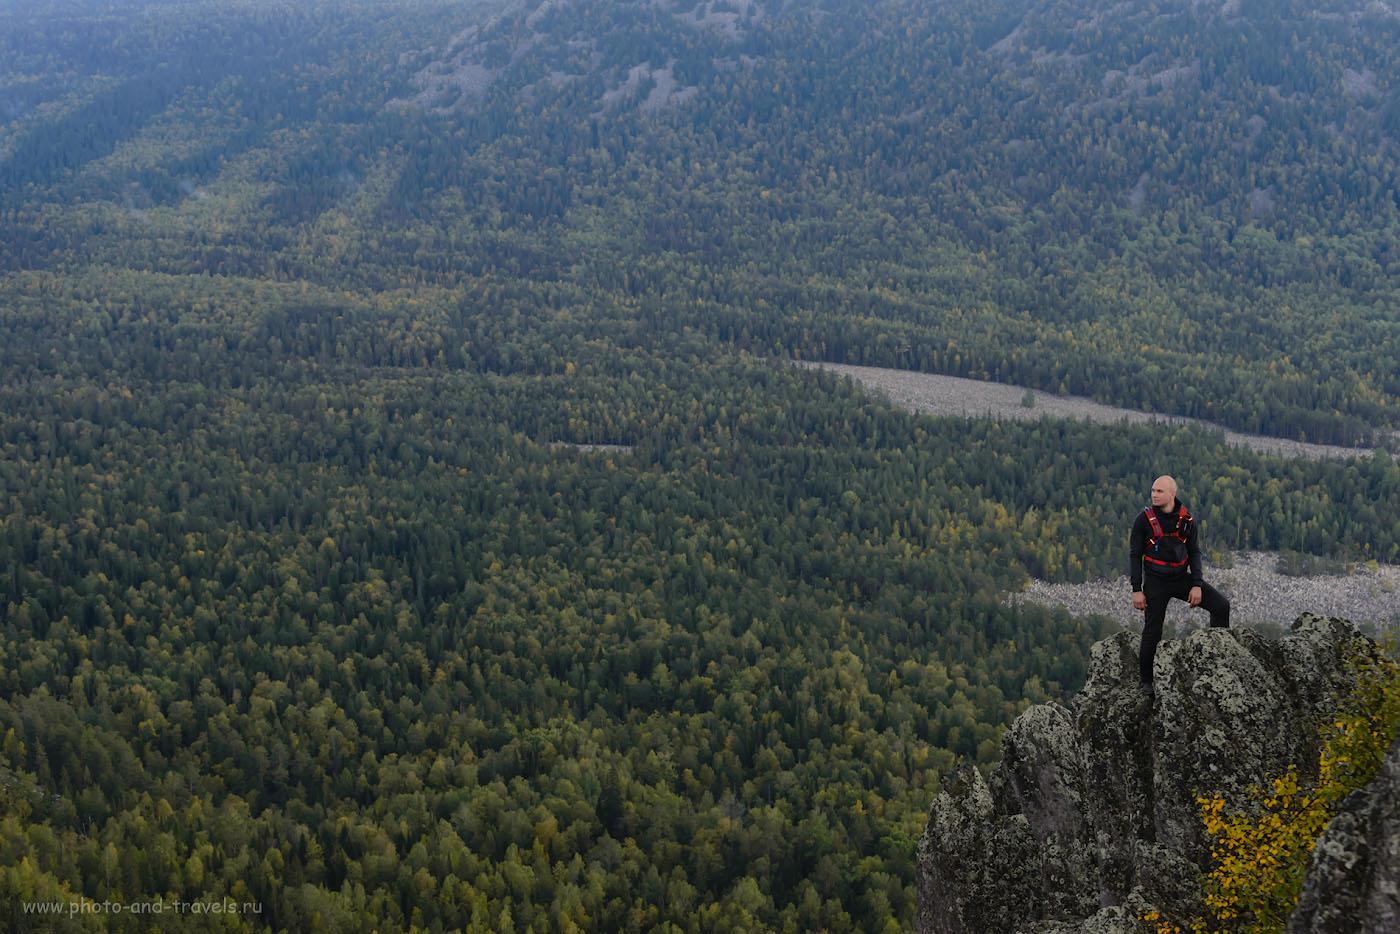 Фото 12. С вершины двуглавой сопки открываются захватывающие виды на Большую Каменную реку, к которой можно добраться по Нижней тропе, или свернув после «Белого ключа» с Верхней. 1/320, -1.33, 7.1, 1100, 70.